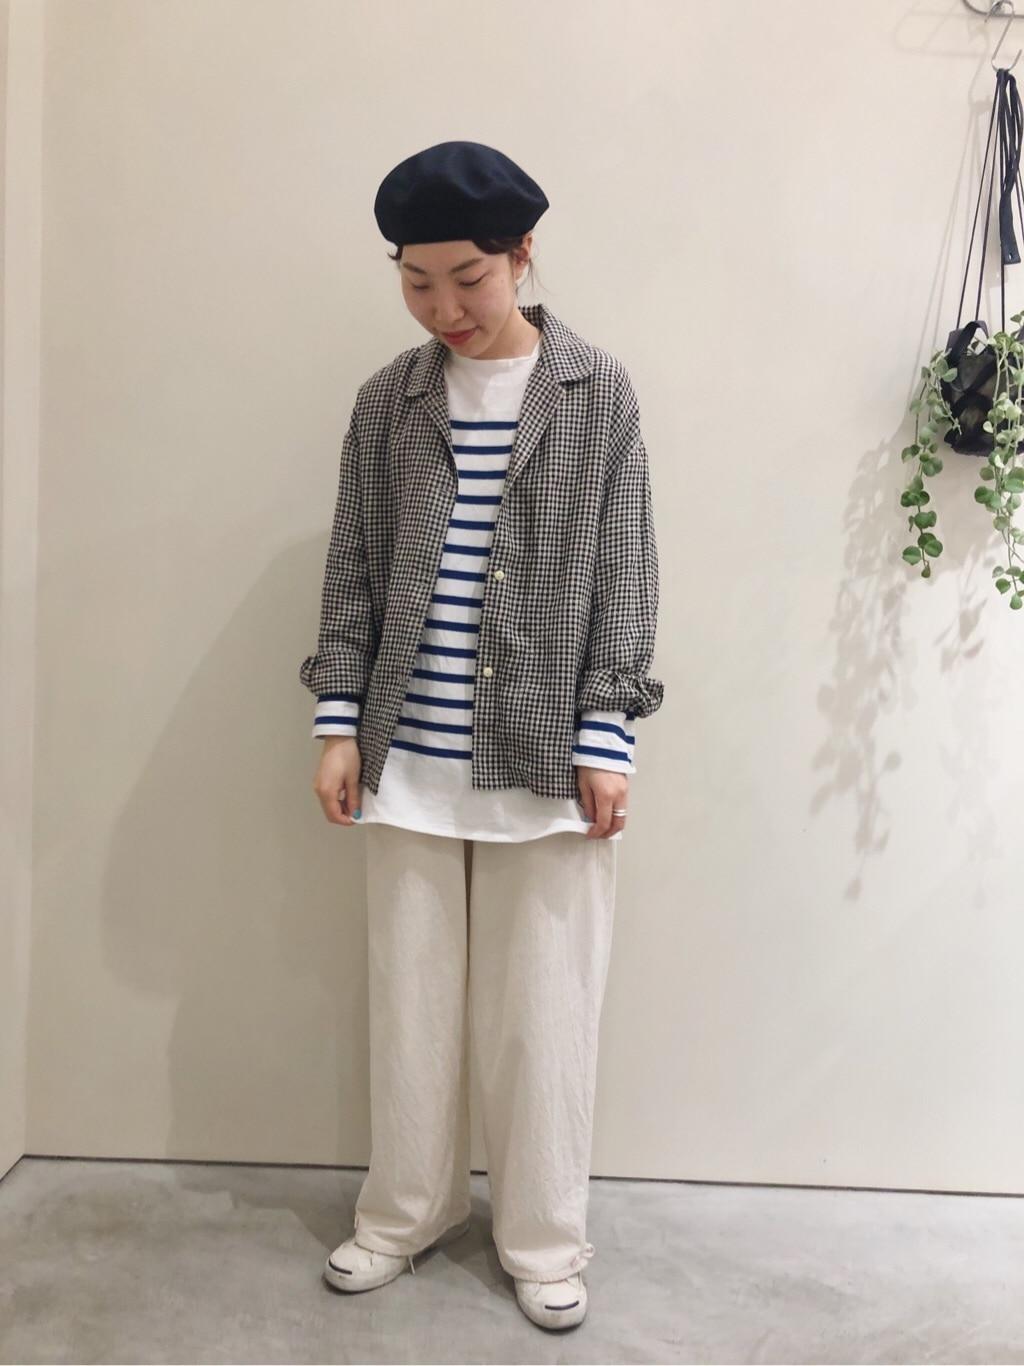 - CHILD WOMAN CHILD WOMAN , PAR ICI 新宿ミロード 身長:159cm 2021.03.04